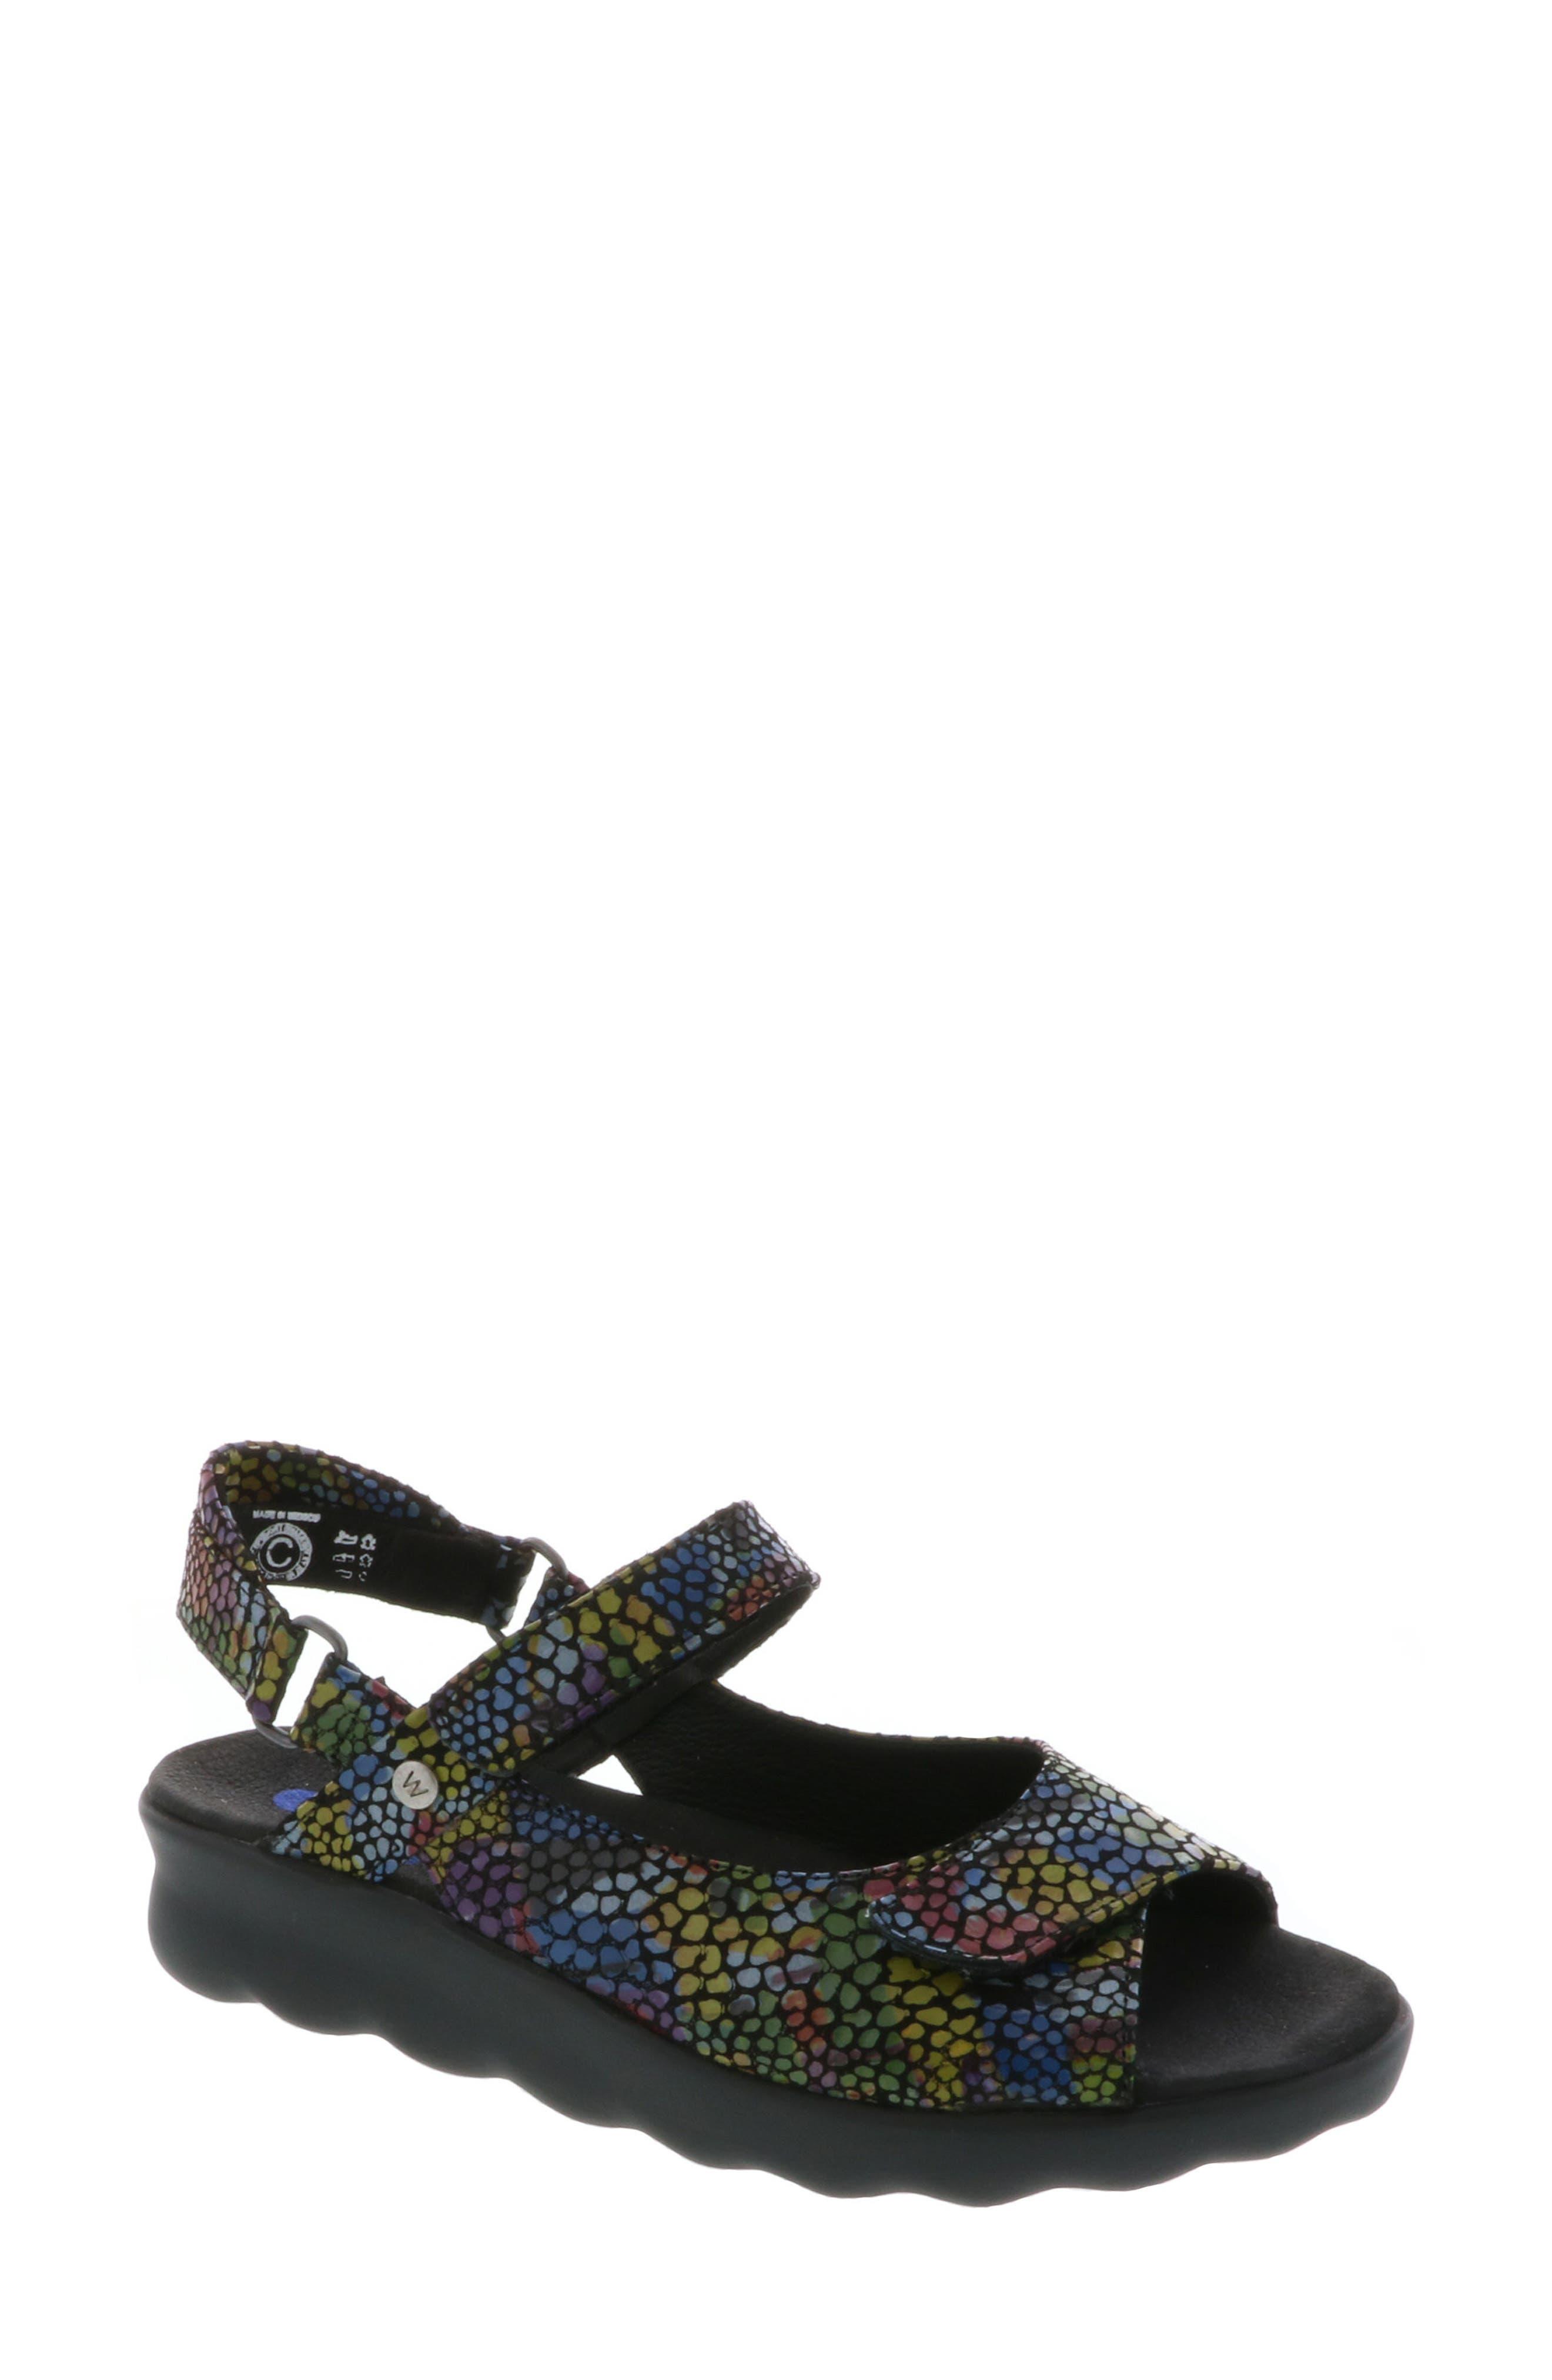 Wolky Pichu Quarter Strap Sandal (Women)